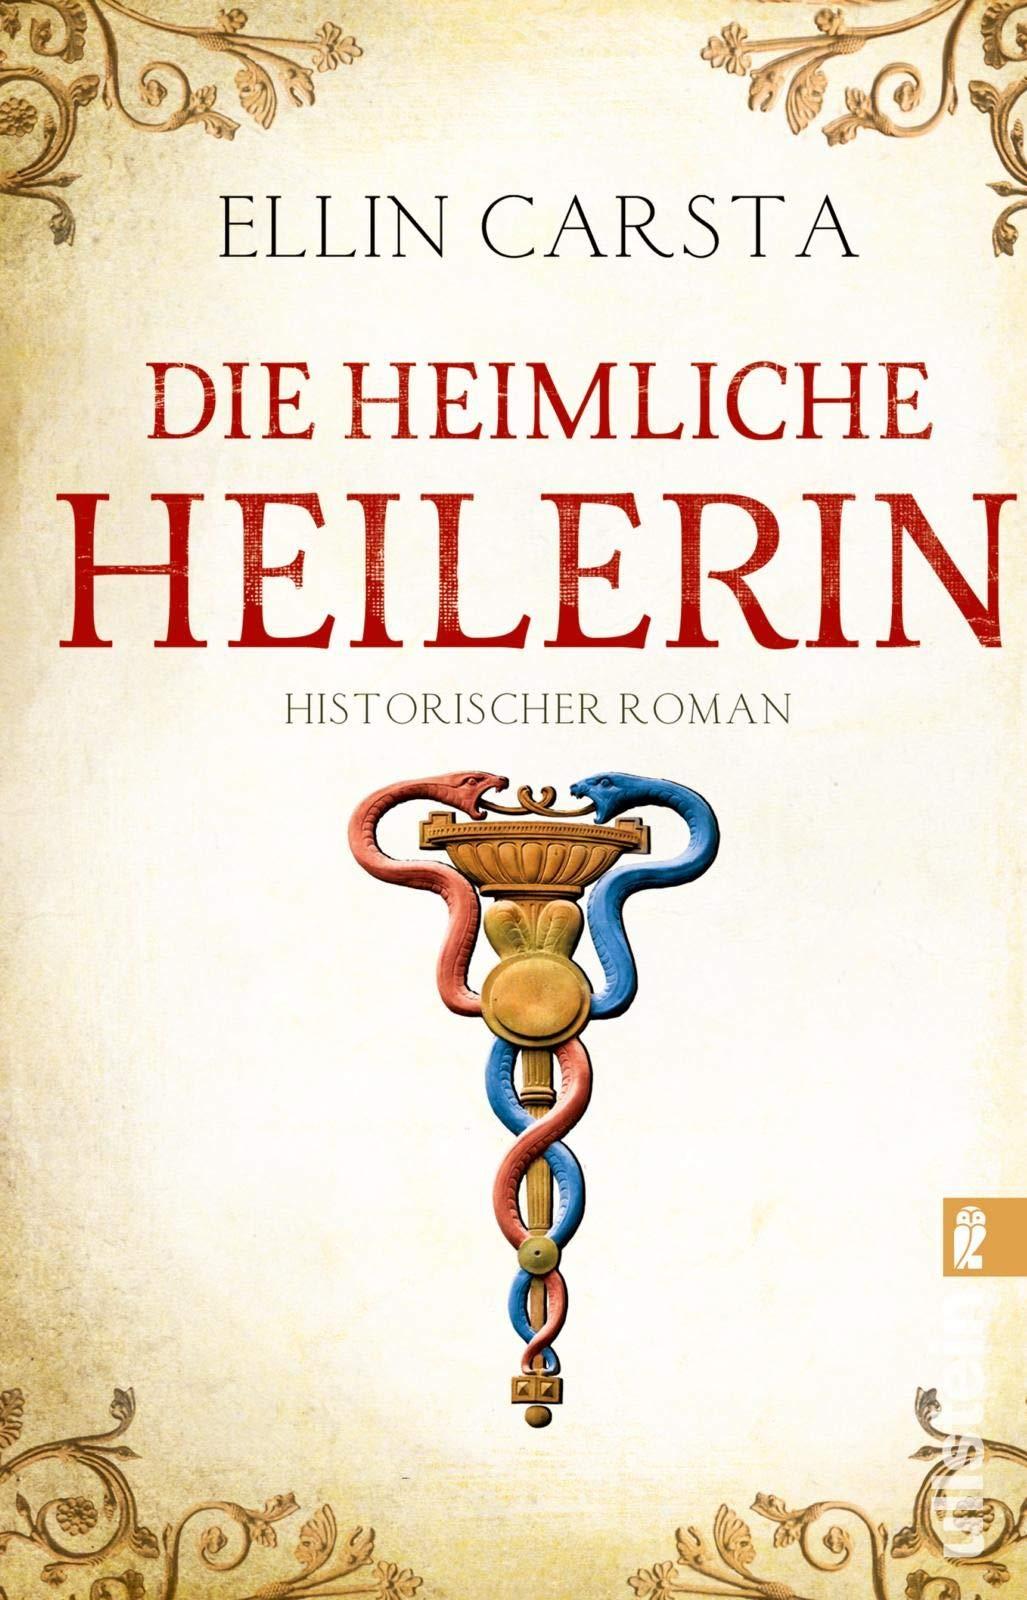 https://juliassammelsurium.blogspot.com/2020/05/rezension-die-heimliche-heilerin-ellin.html